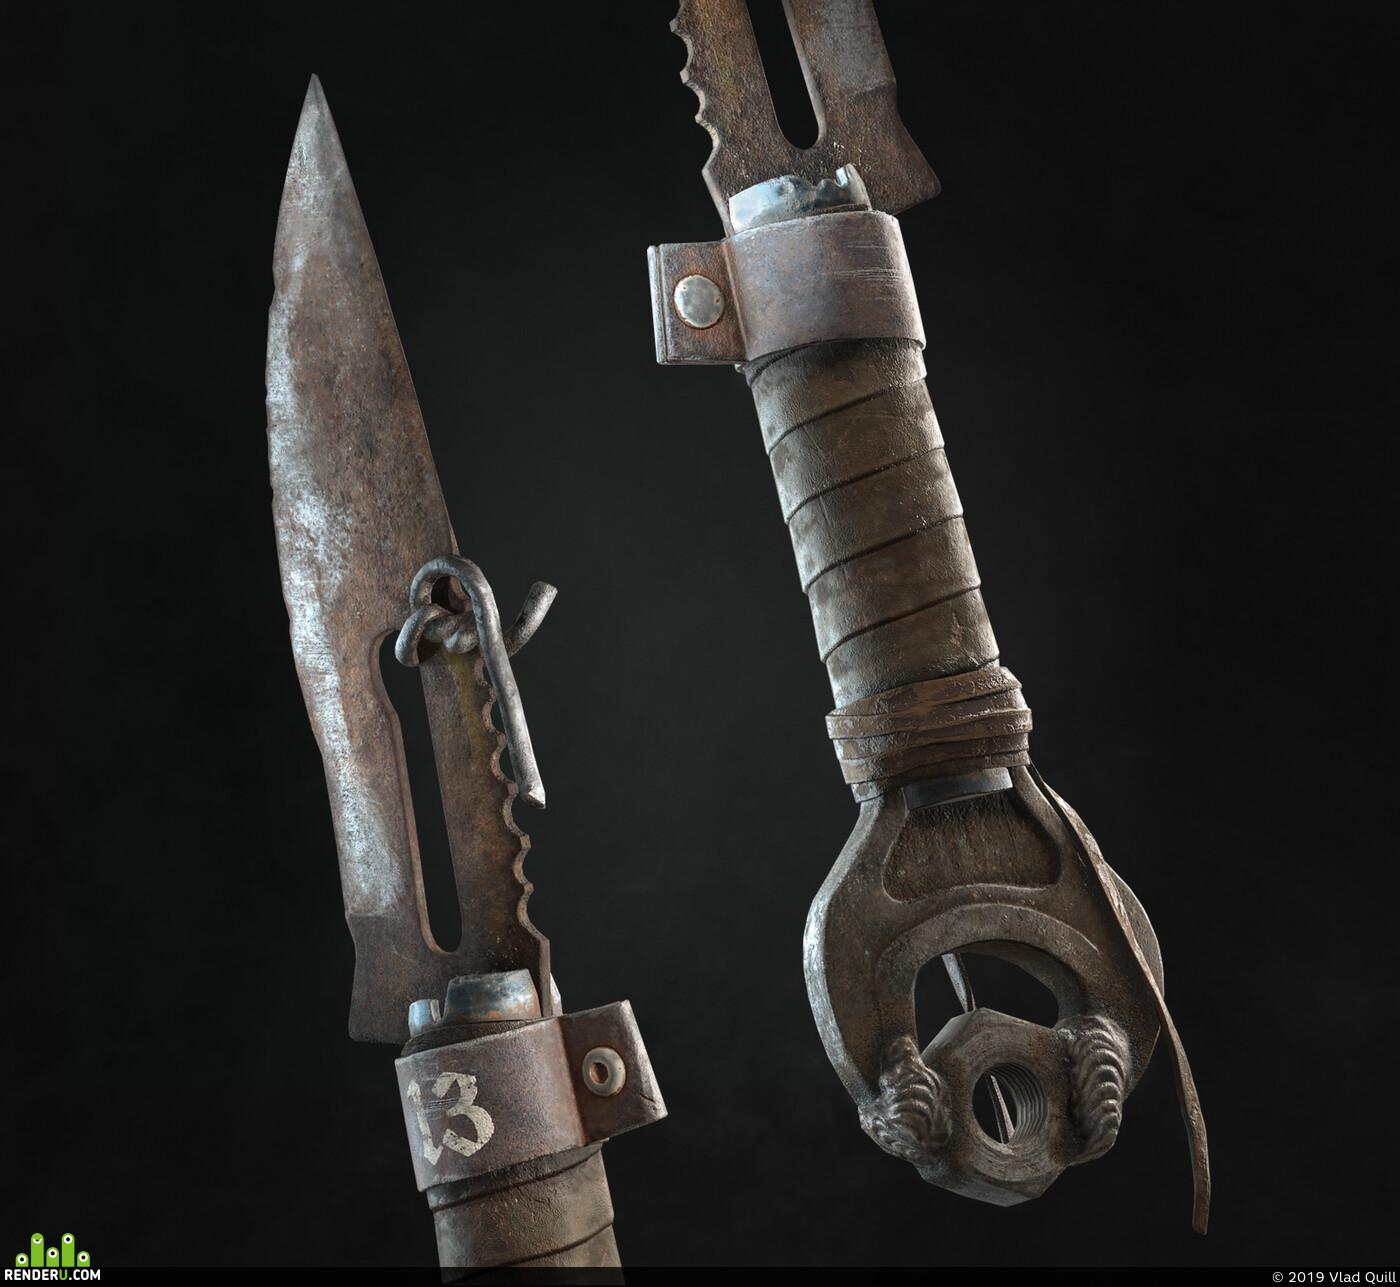 Компьютерная графика/CG, 3d, lowpoly, postapocalyptic, knife